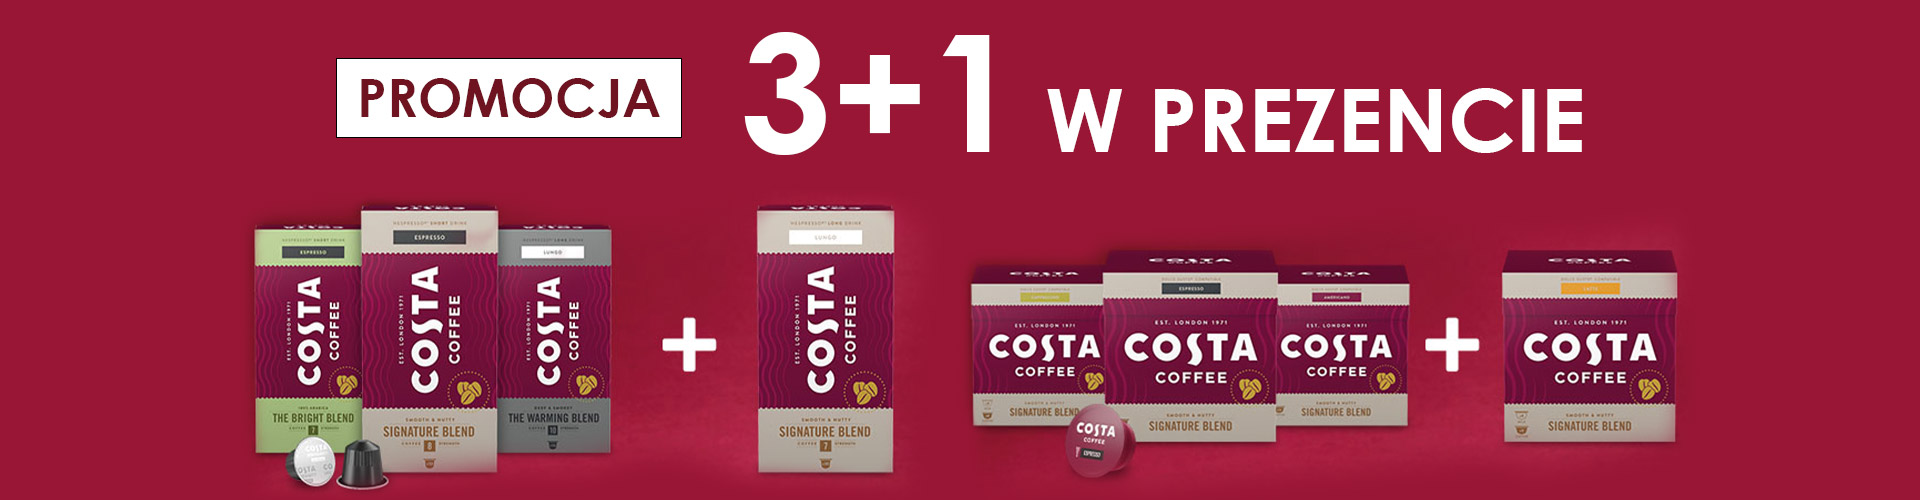 Konesso: 3+1 w prezencie - kawy w kapsułkach nespresso oraz dolce gusto